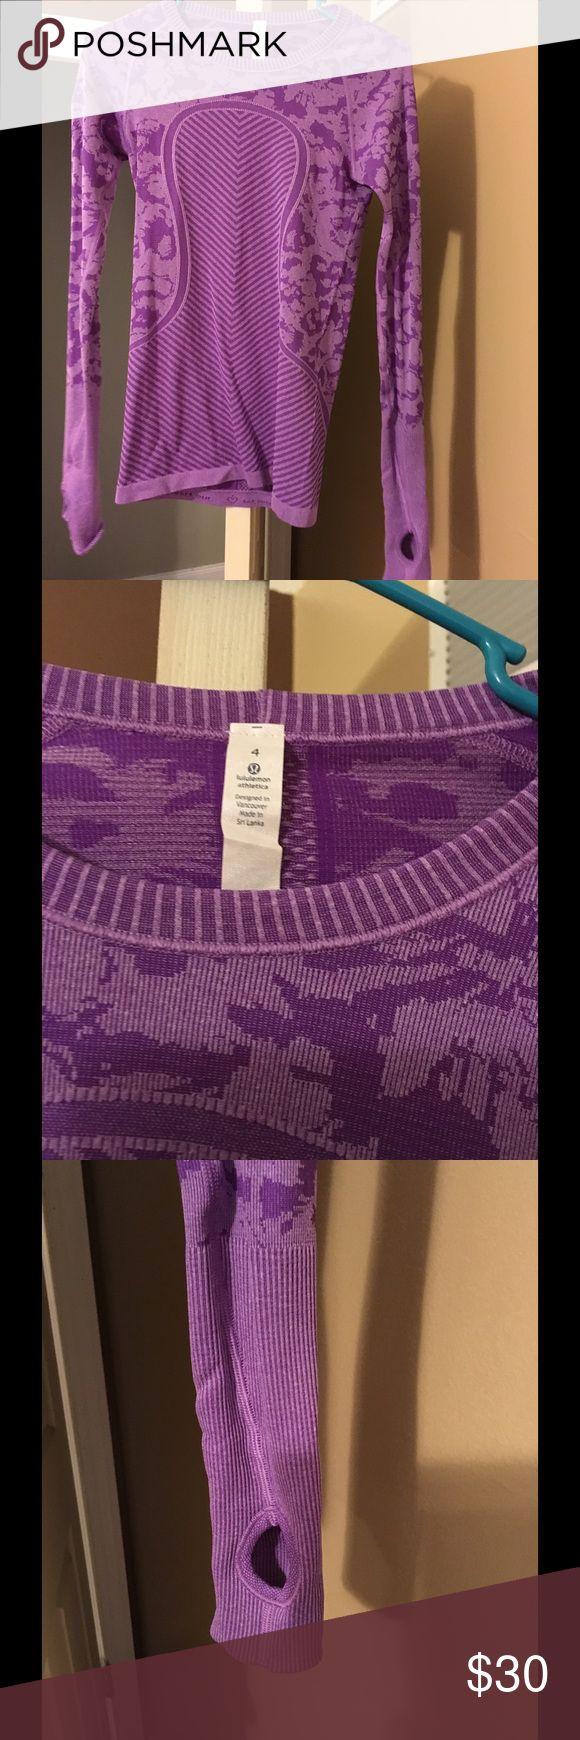 Lululemon 4 purple long sleeve tee LuluLemon 4 purple run swiftly long sleeve tee w/ thumb holes, GUC lululemon athletica Tops Tees - Long Sleeve